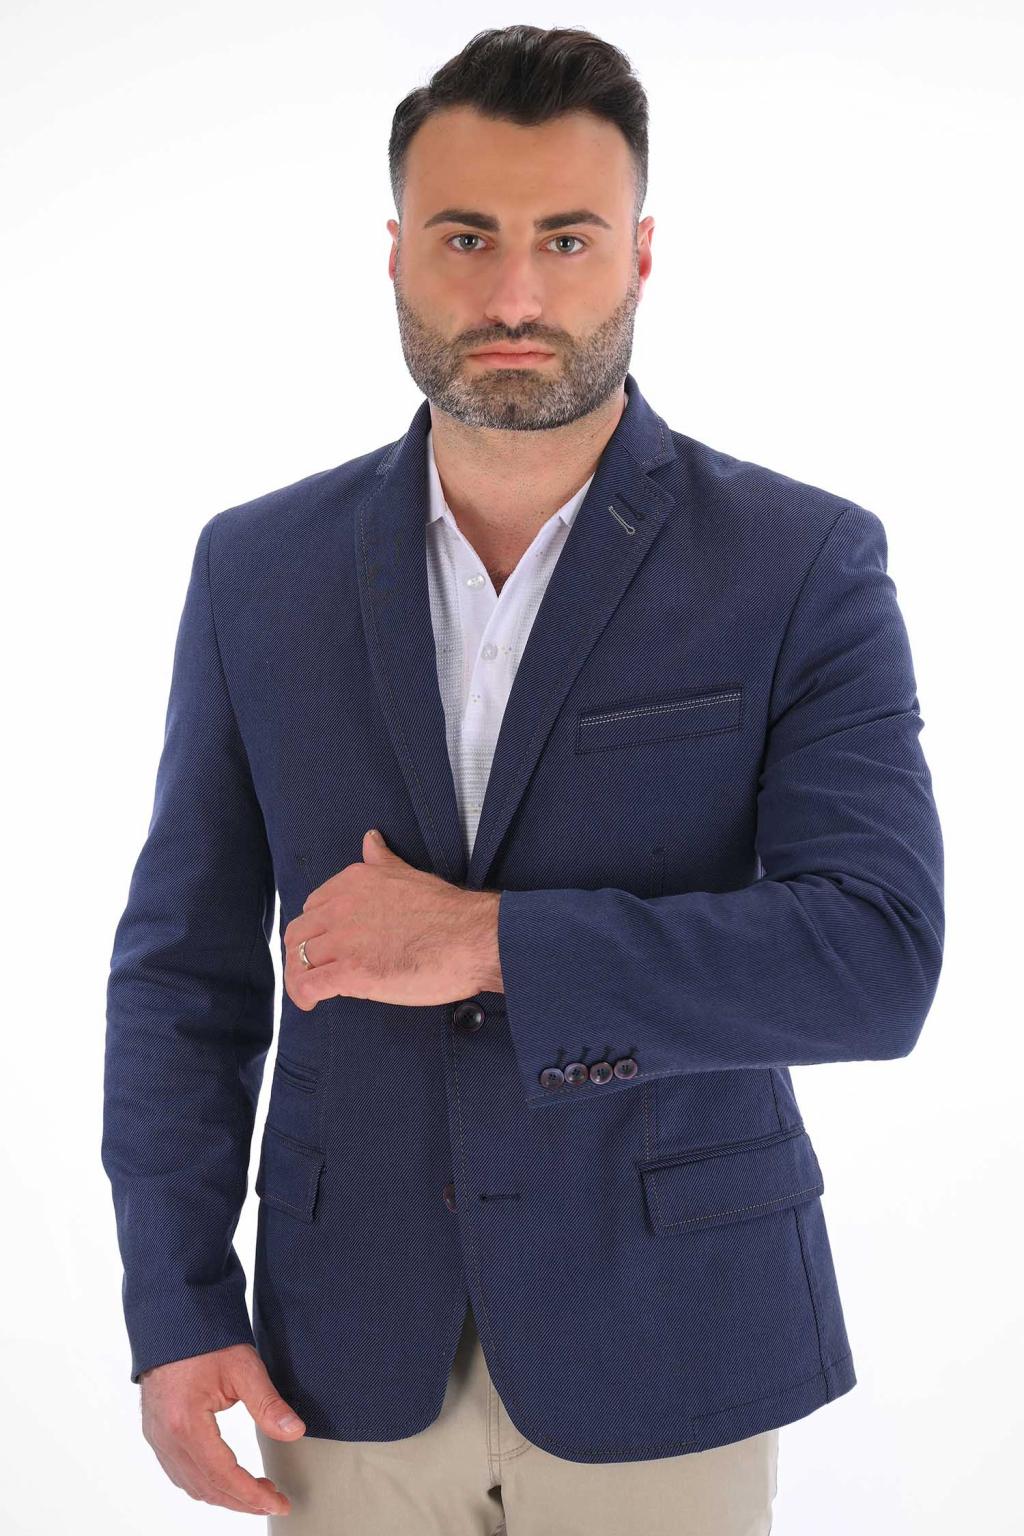 Tmavomodré sako s jemným  vzorom SLIM strih, bavlna stretch